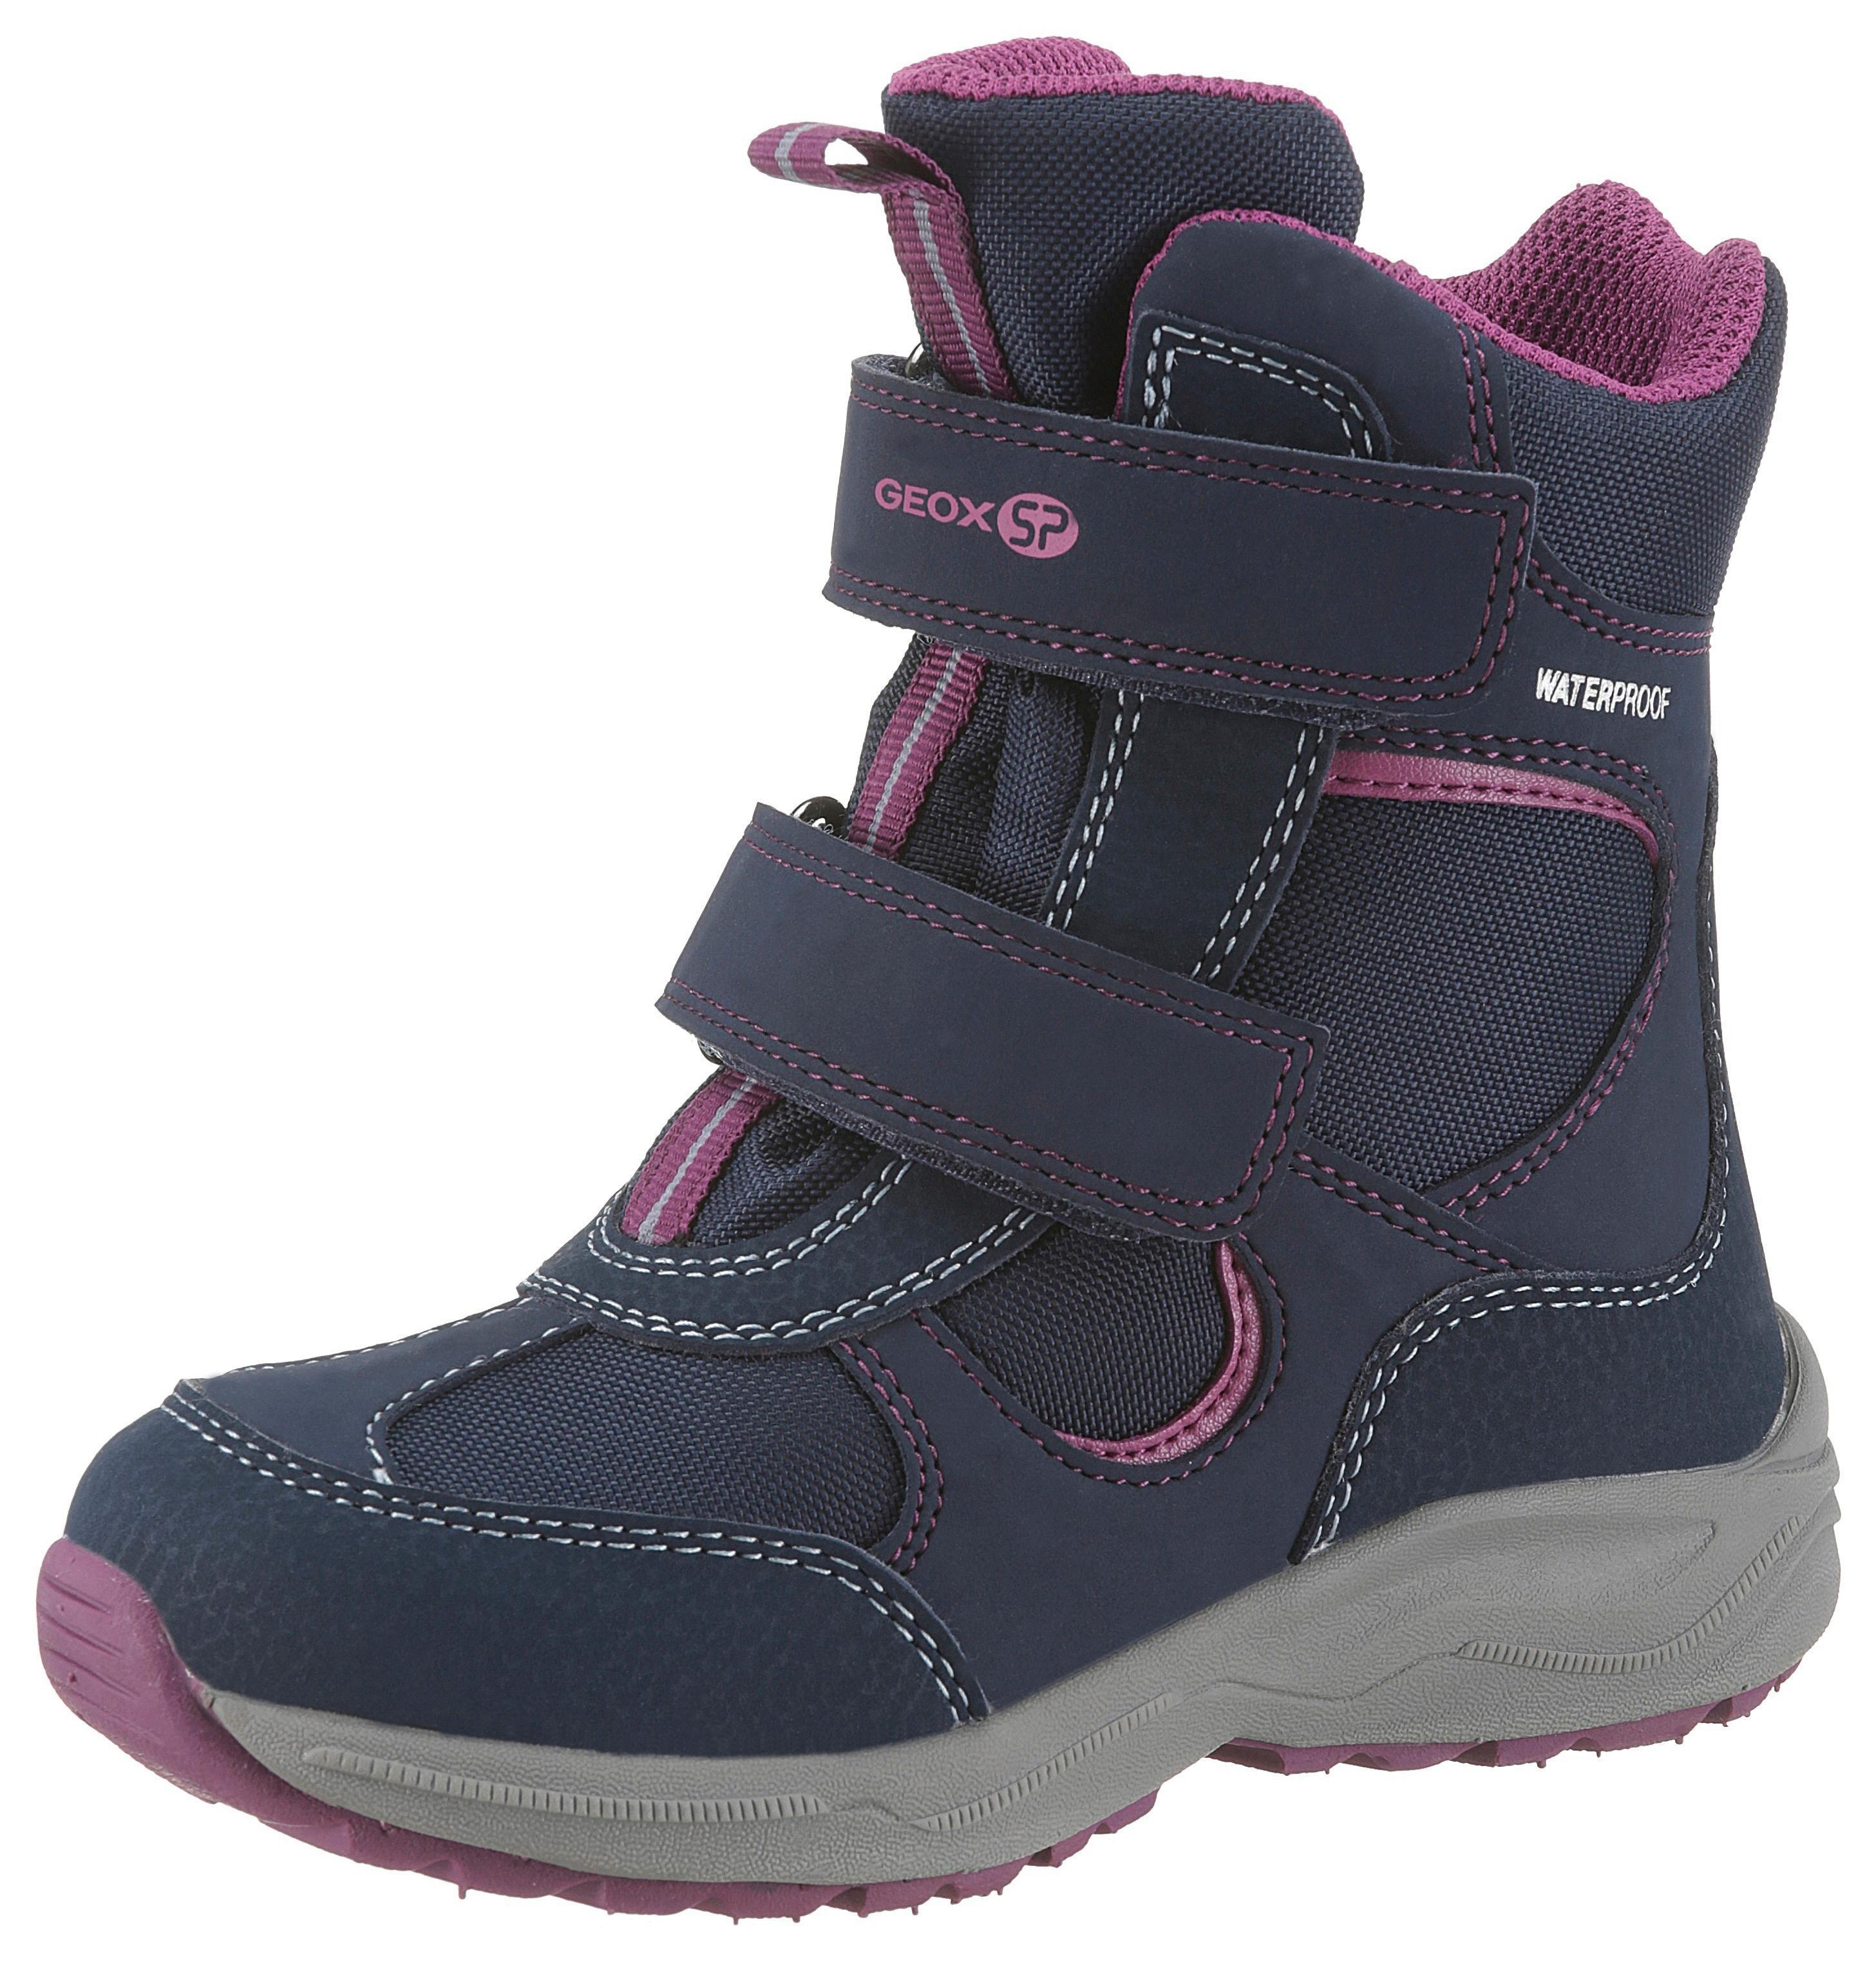 Geox Kids winterlaarzen »New Alaska Girl B Wpf« nu online kopen bij OTTO